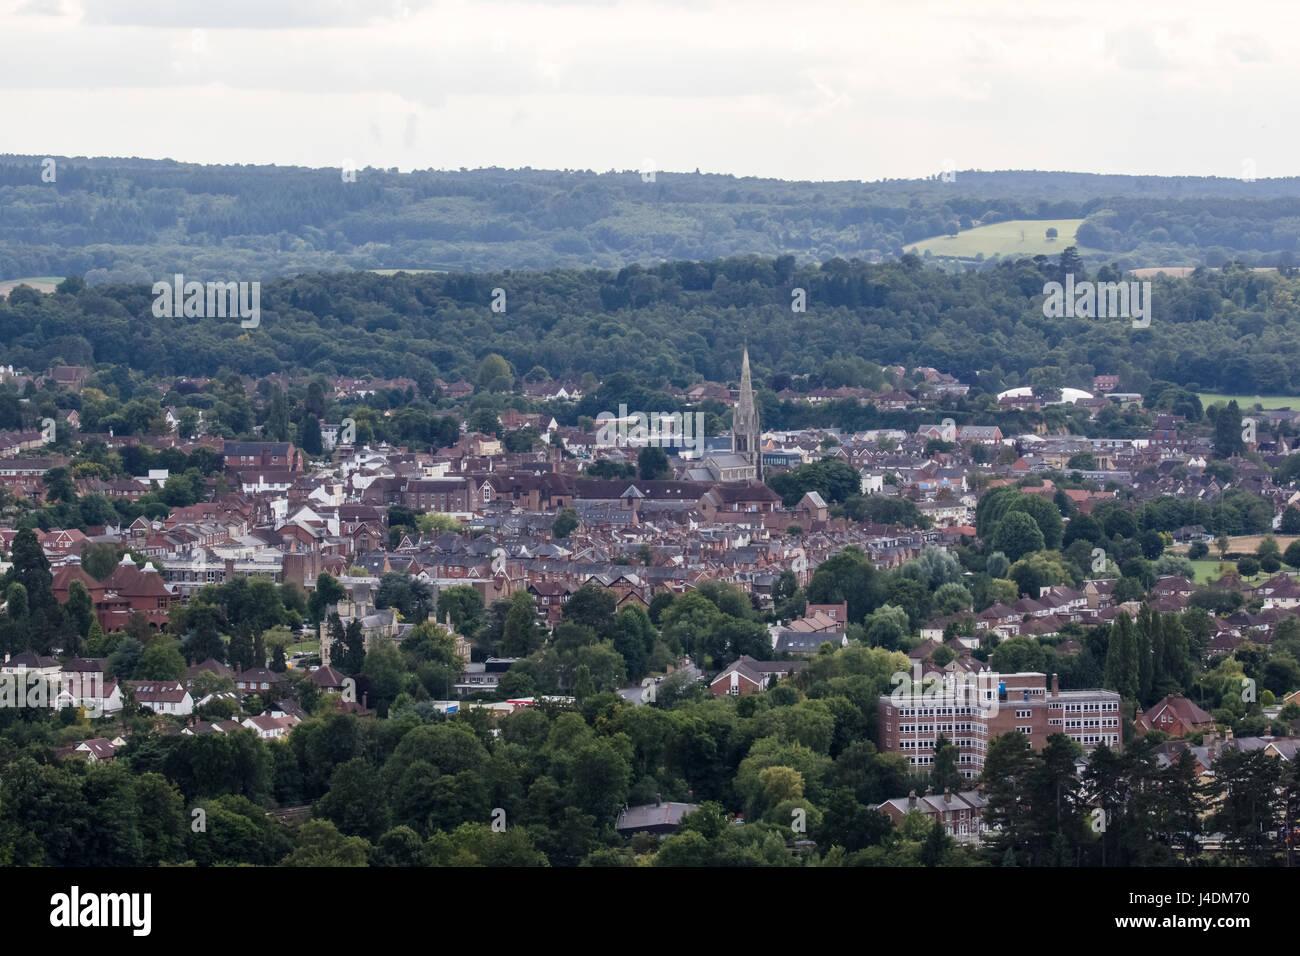 Blick über den Markt der Stadt Dorking, Surrey, England, von der Oberseite der Box Hill, North Downs. Surrey Stockbild